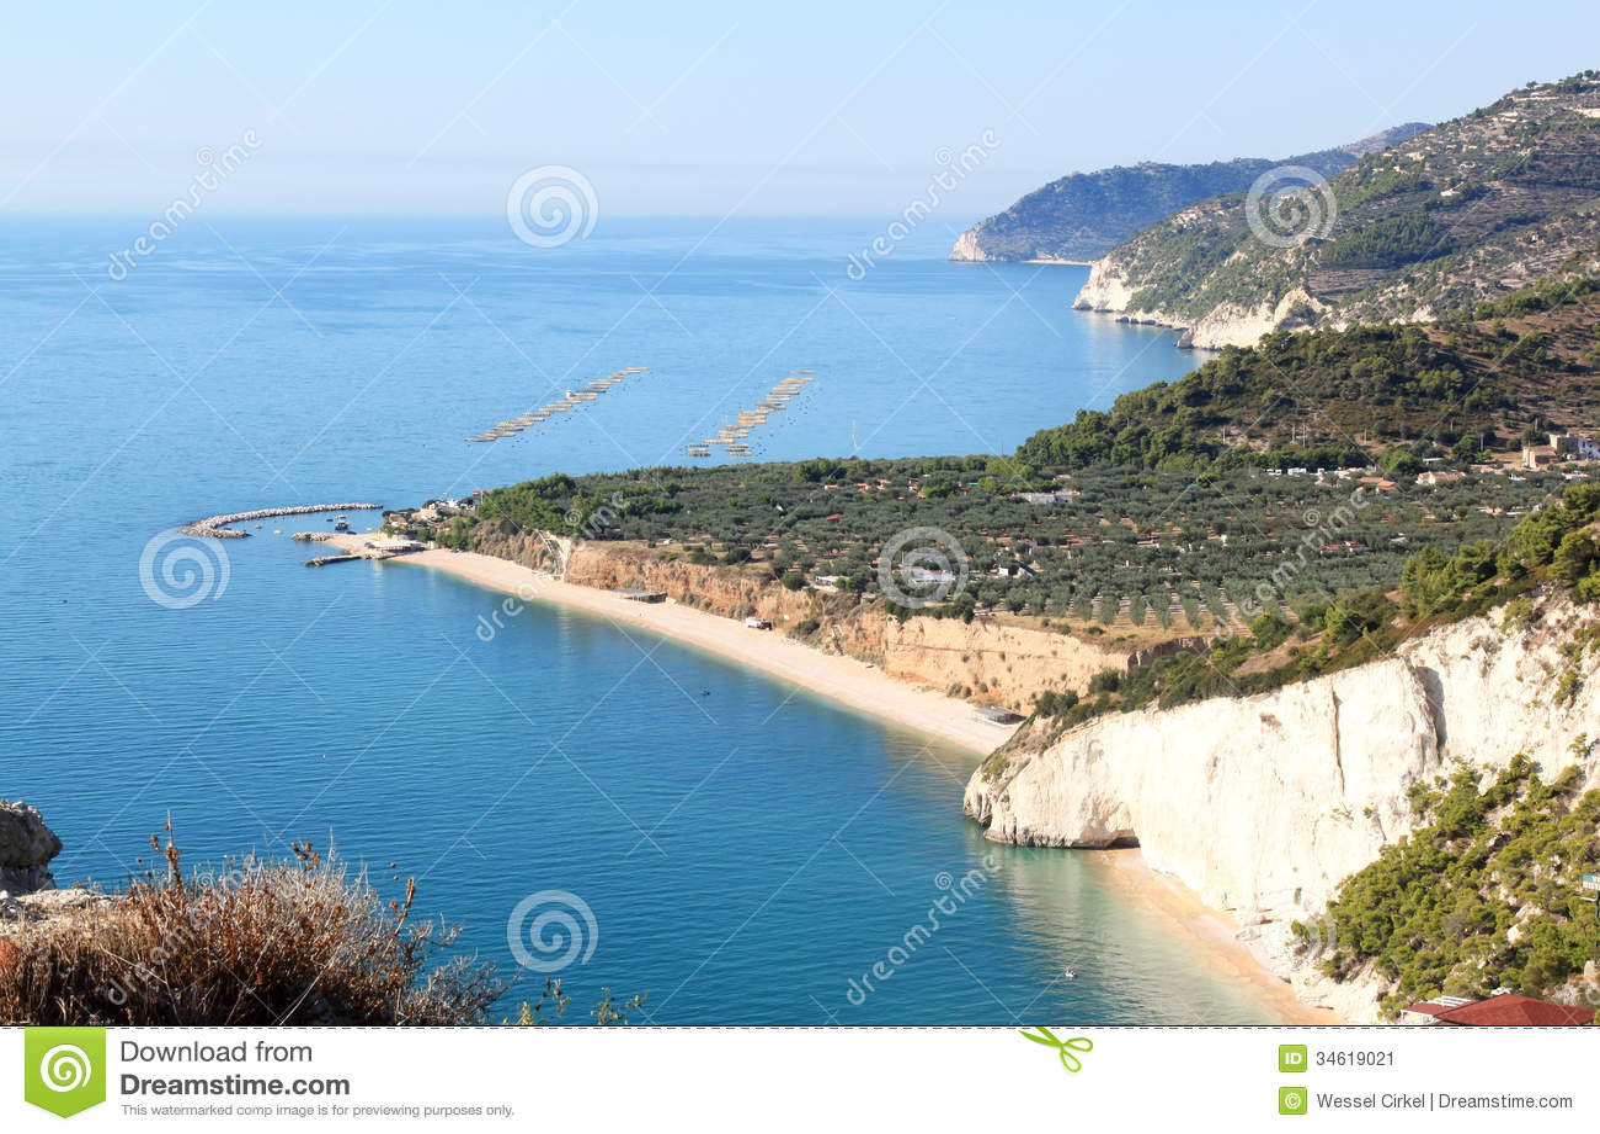 umschreibung halbinsel im adriatischen meer.